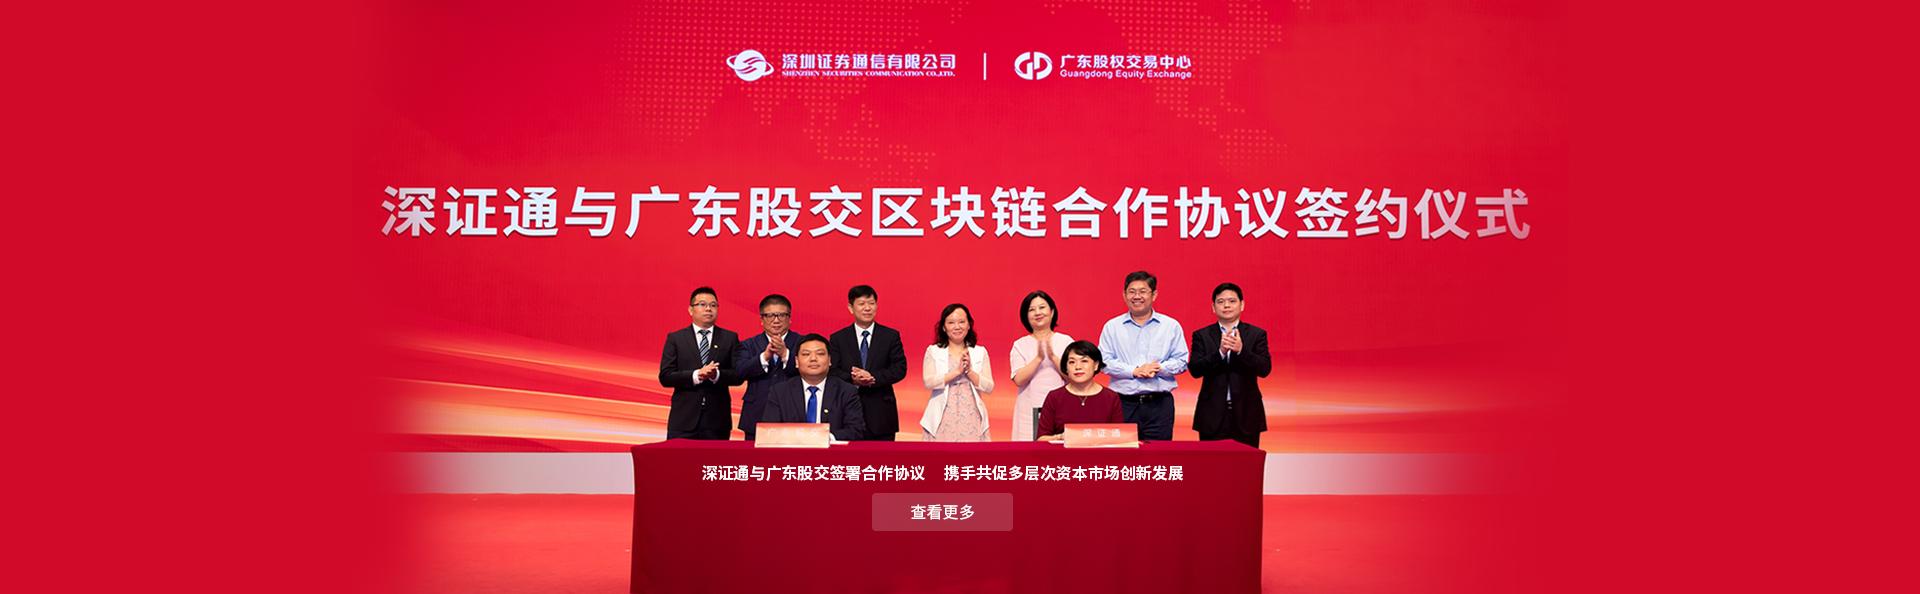 附件1:PCbanner图.png